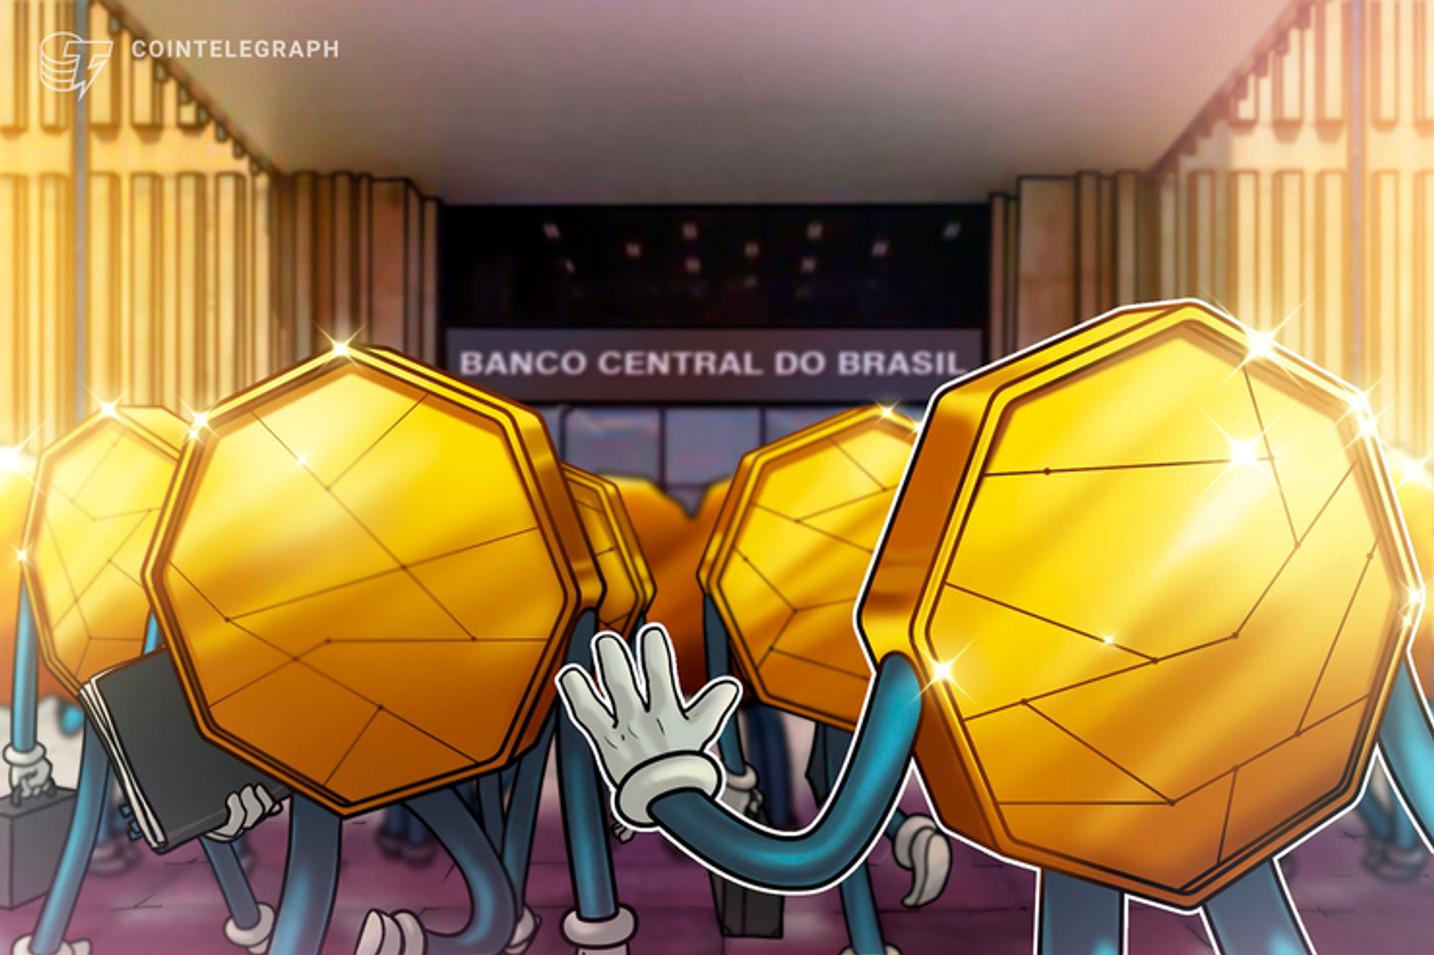 Brasileiros têm R$ 825,7 bilhões na poupança e isso pode ser uma oportunidade para o Bitcoin no Brasil